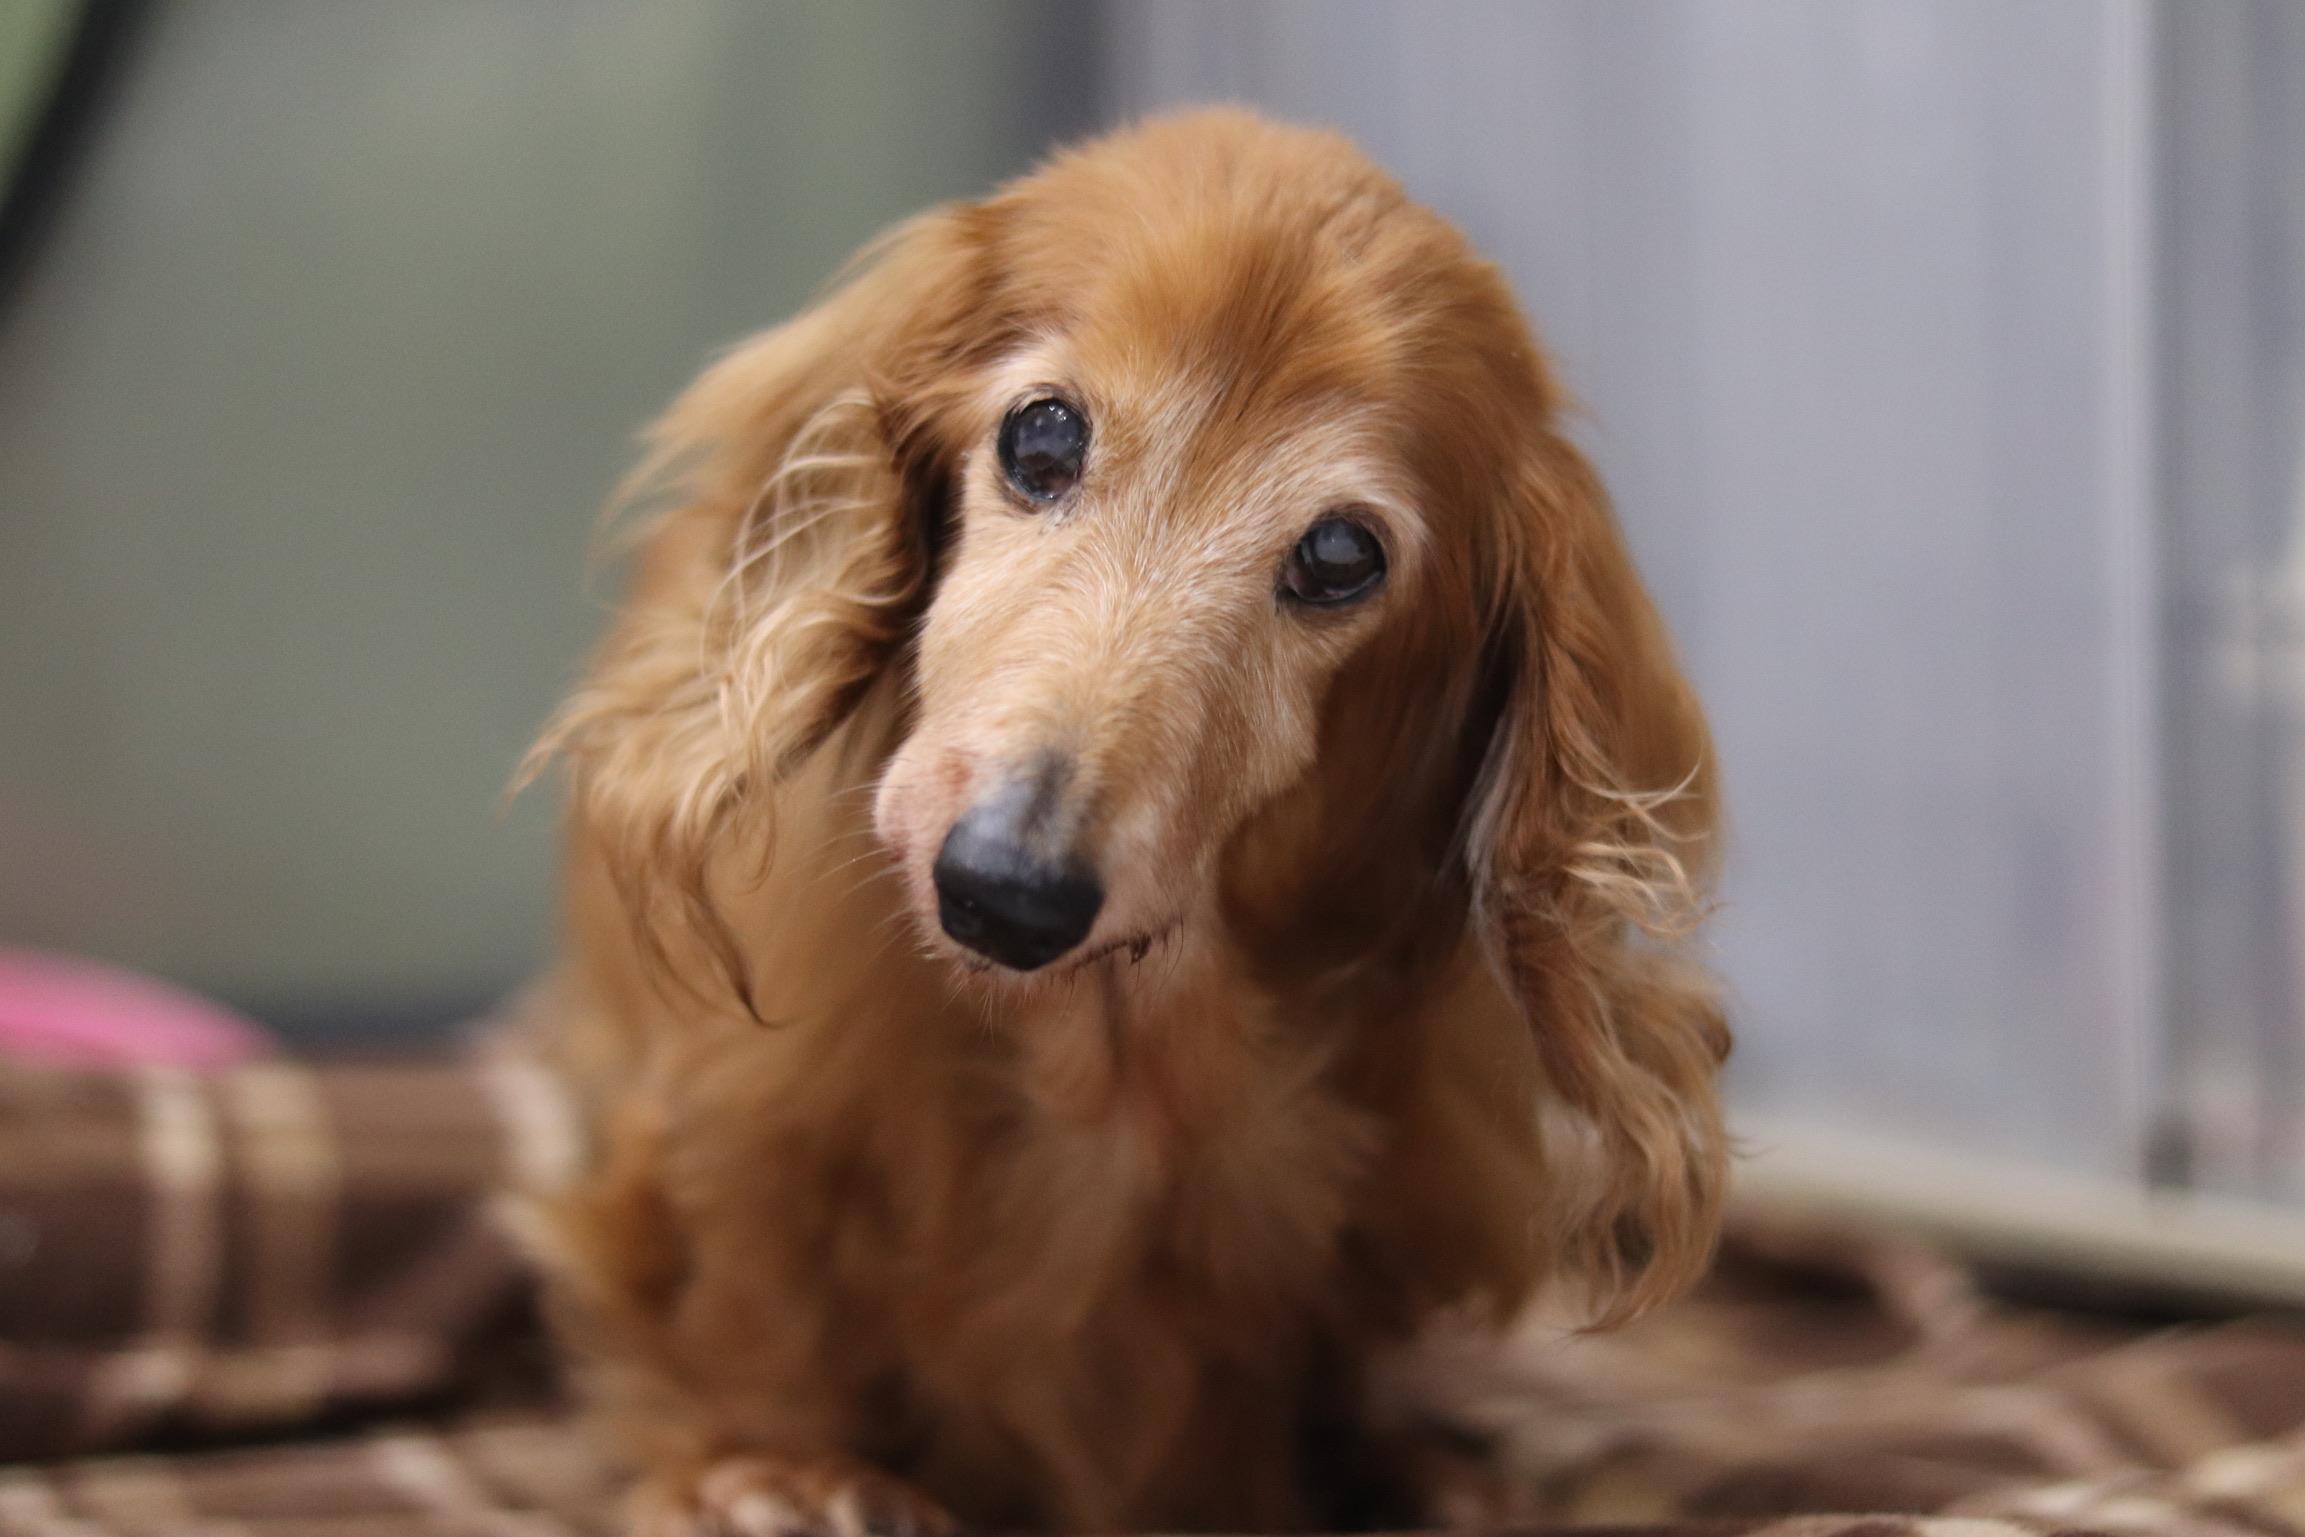 <ul> <li>犬種:ミニチュアダックスフンド</li> <li>性別:女の子</li> <li>名前:メイ</li> <li>年齢:2005年5月2日生まれ</li> <li>保護経緯:飼い主が高齢になり亡くなられたため飼育困難</li> </ul>